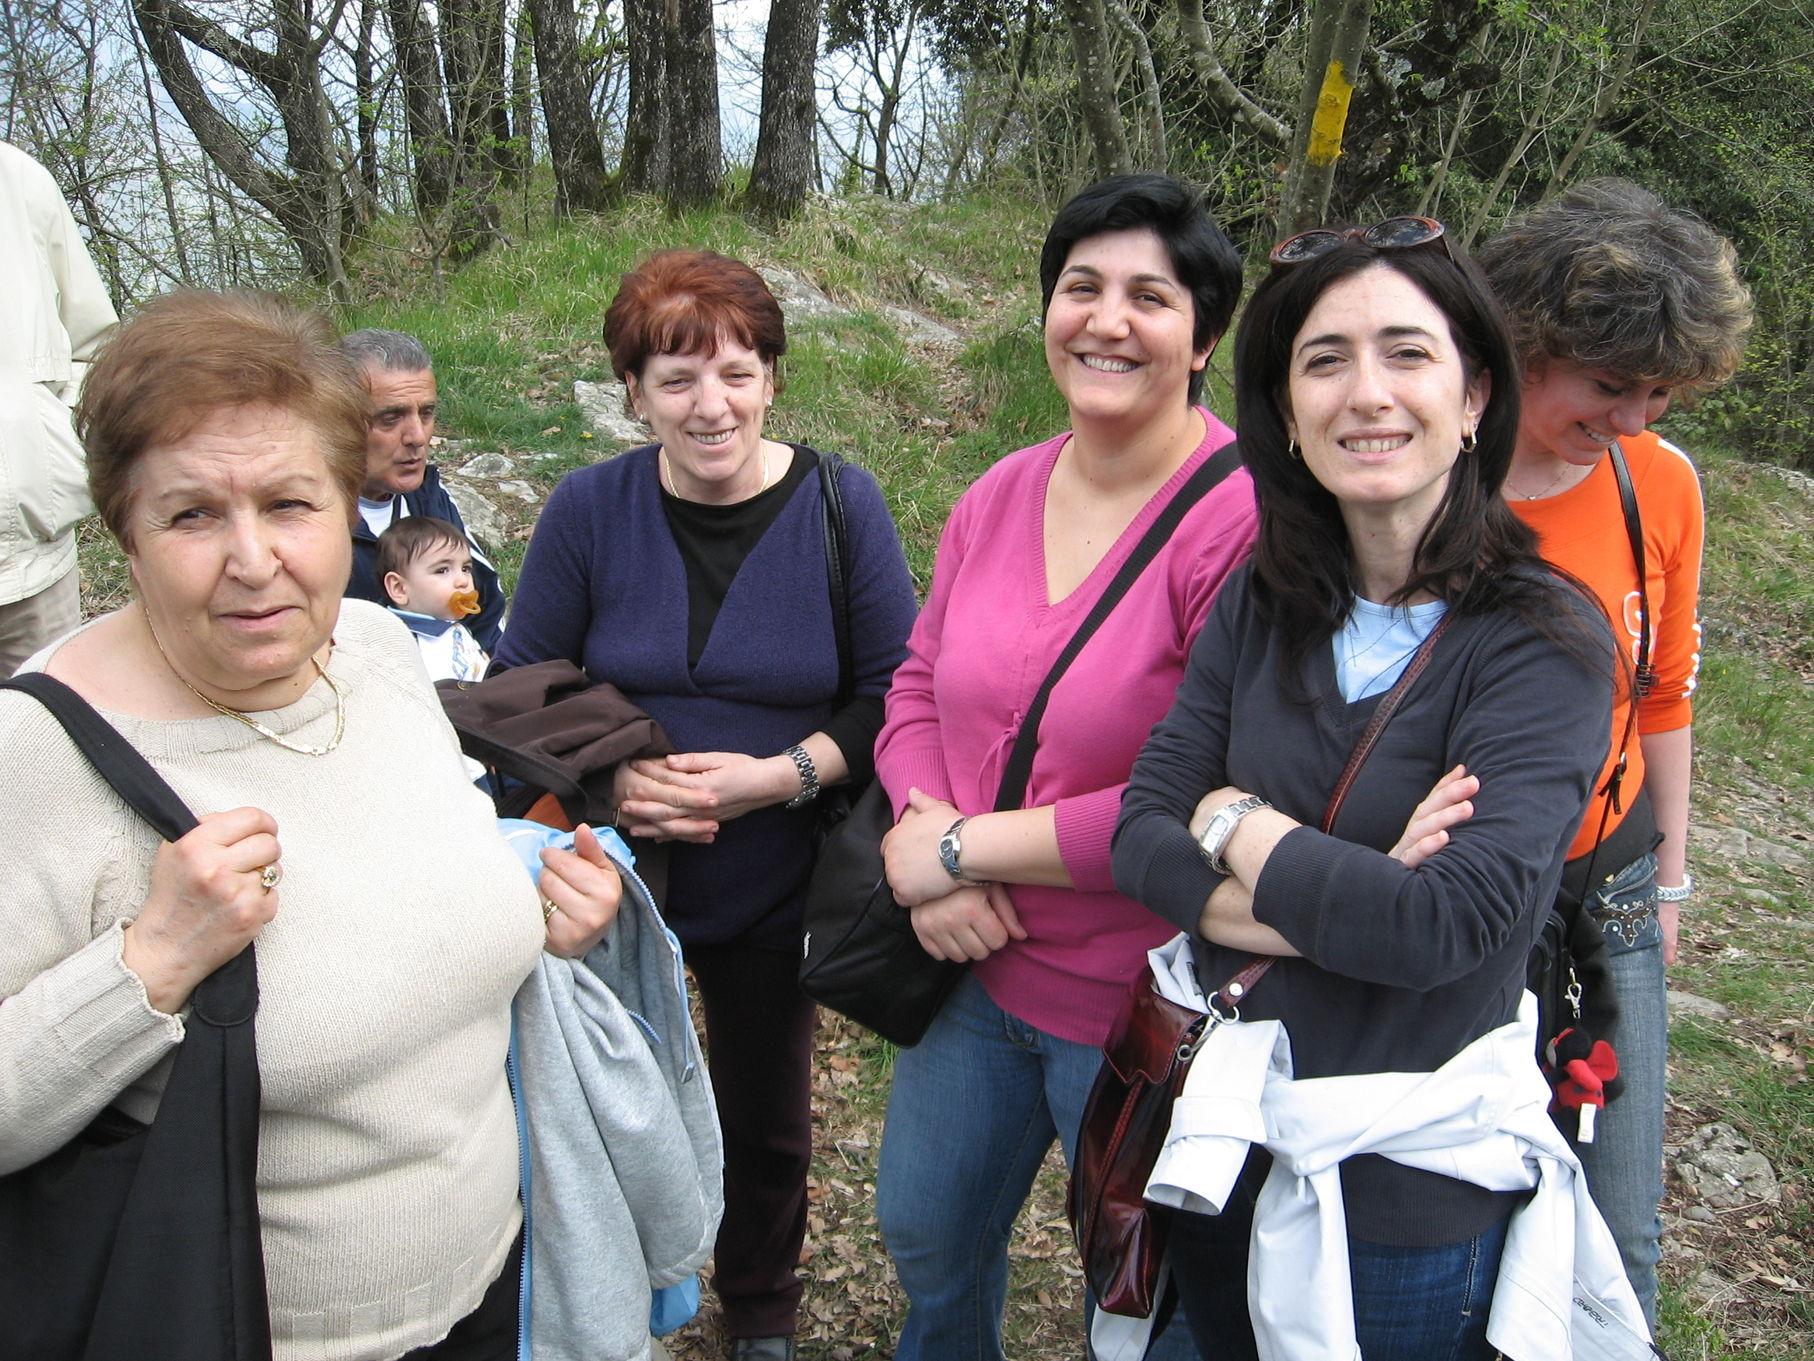 Montallegro-2009-04-13--14.42.04.jpg